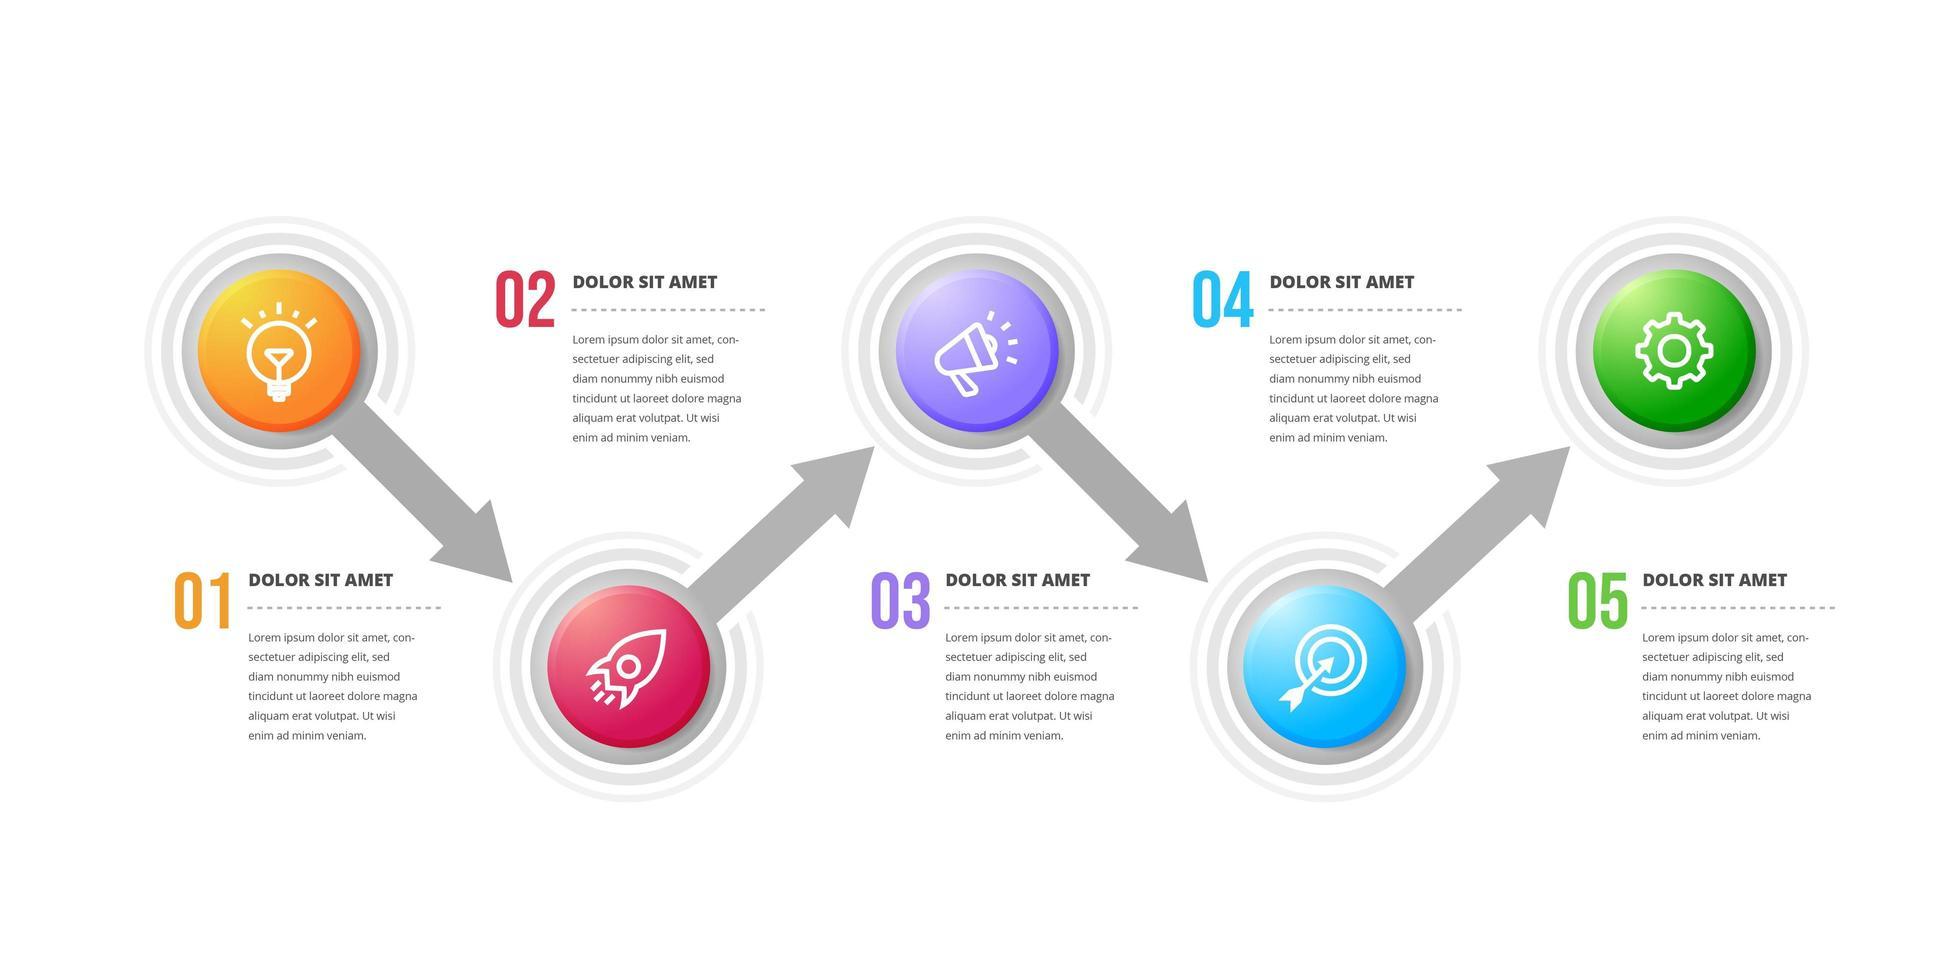 elementos de diseño de infografía circular creativa vector